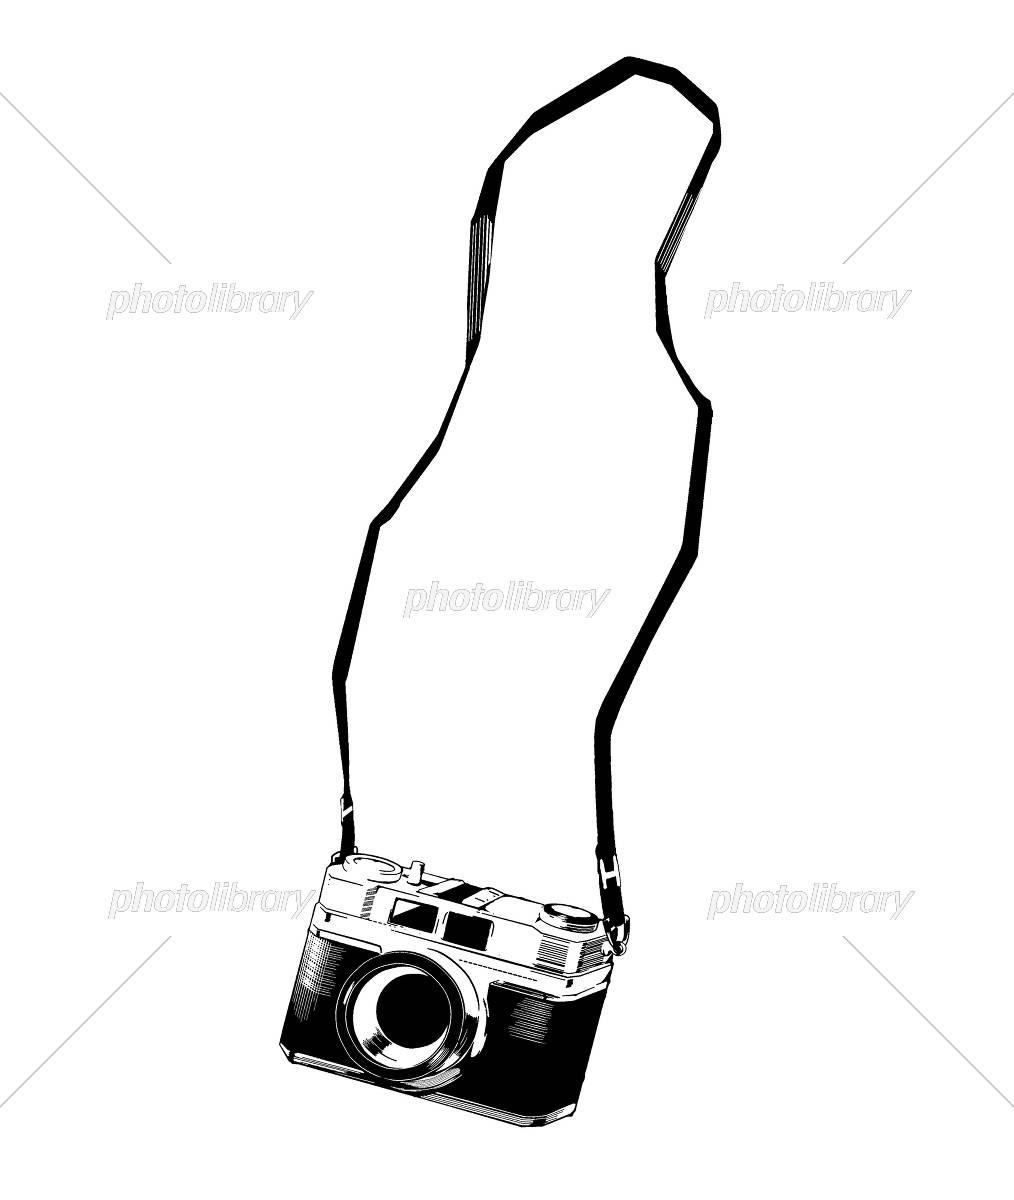 レトロなカメラのイラスト ストラップ付き イラスト素材 [ 5385039